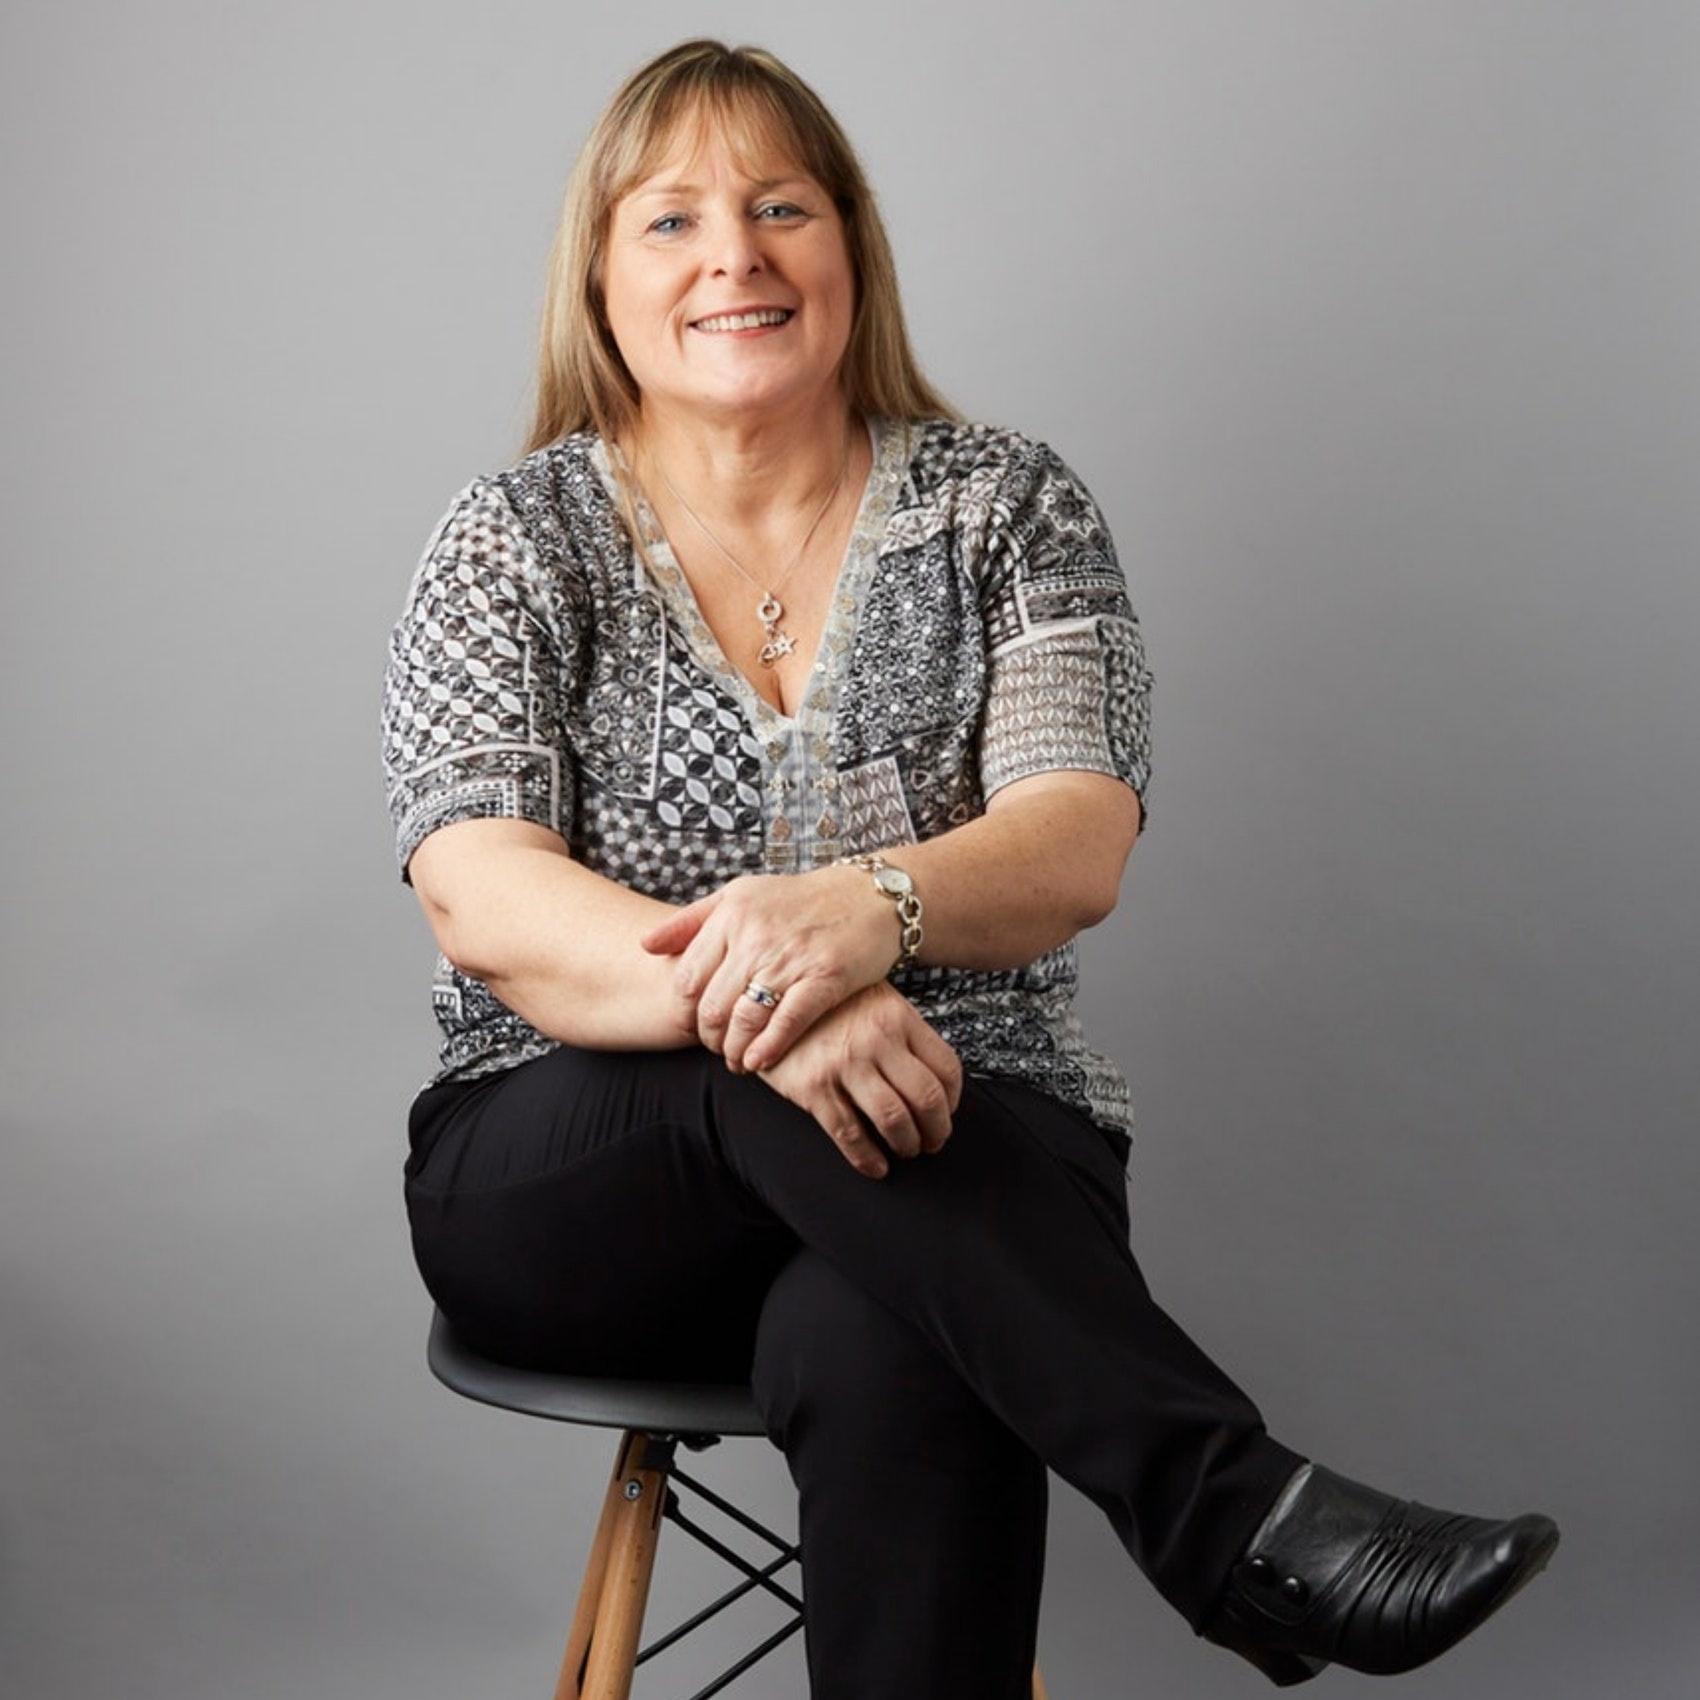 Caroline Hurst